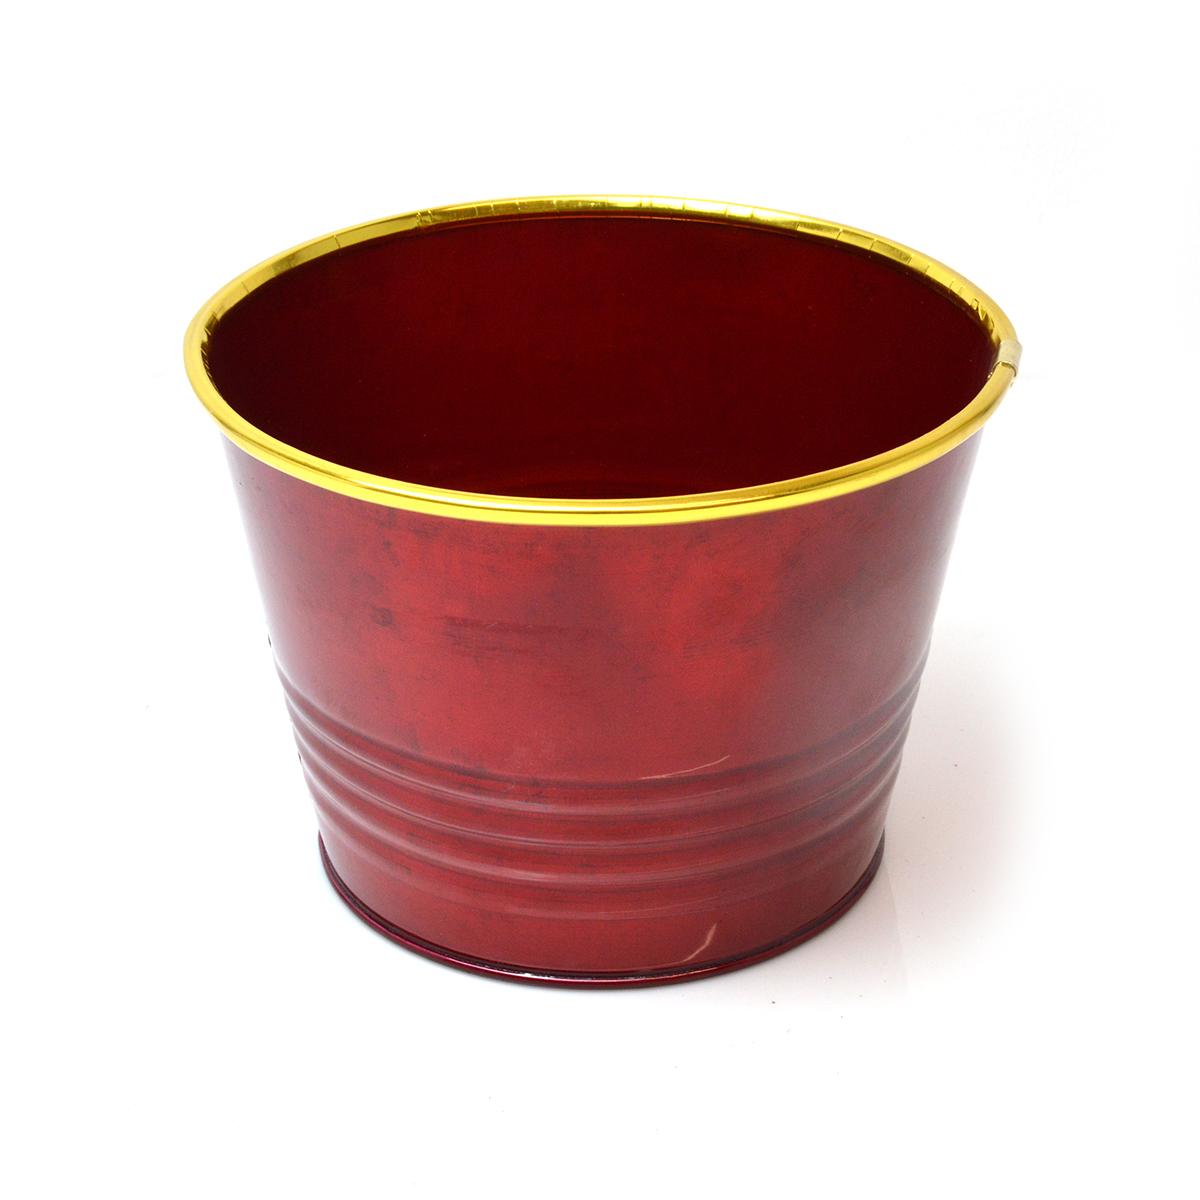 Ghiveci metalic rosu cu auriu 110s